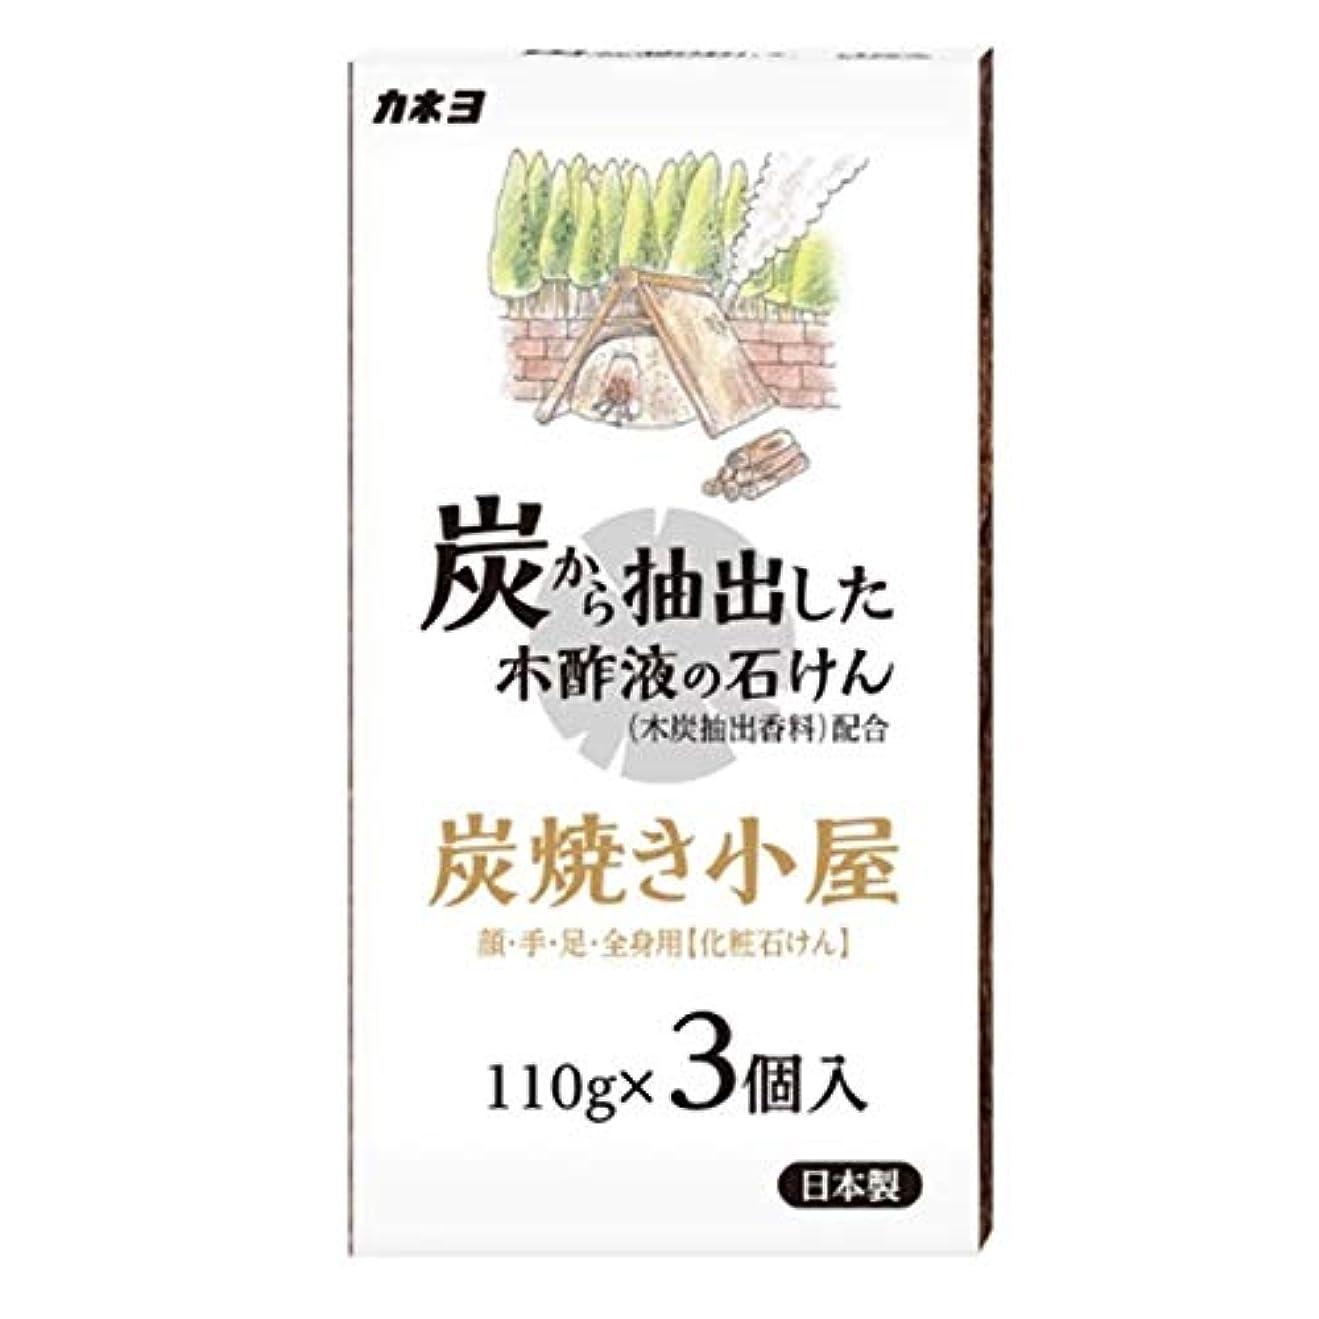 継続中インテリア抹消【ケース販売】 カネヨ石鹸 炭焼小屋 化粧石けん 110g×3個入 36箱